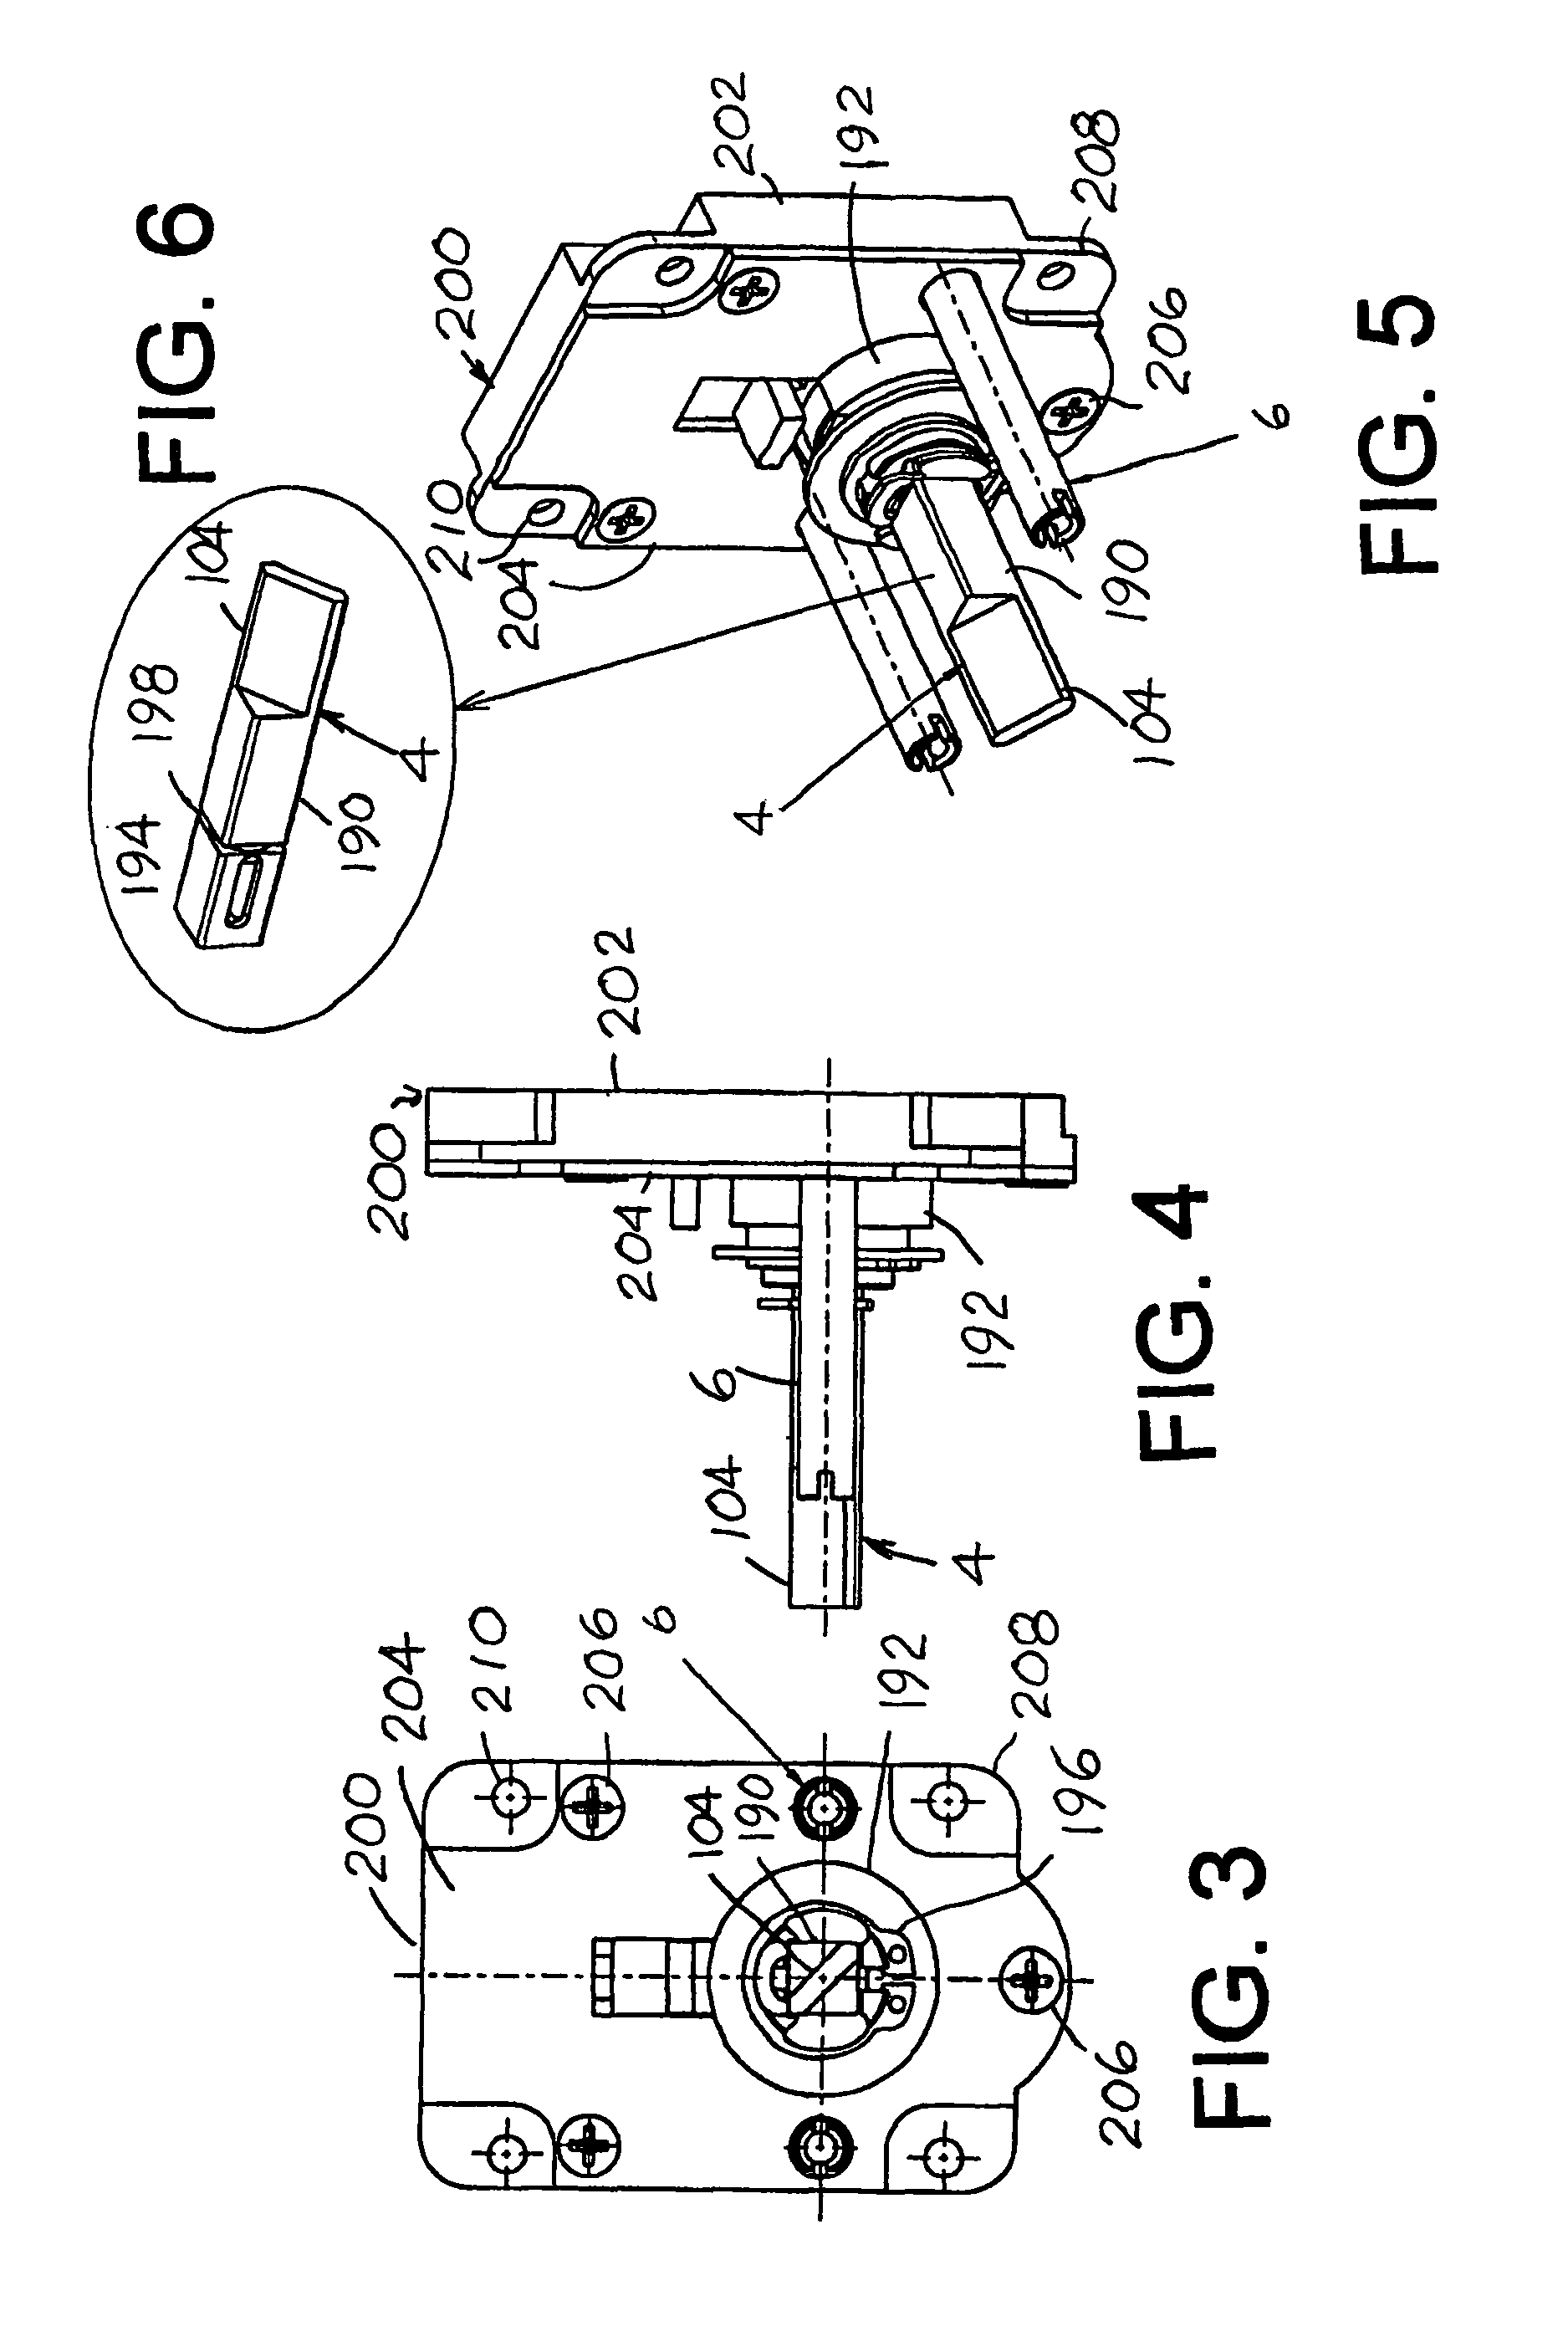 schlage parts diagram